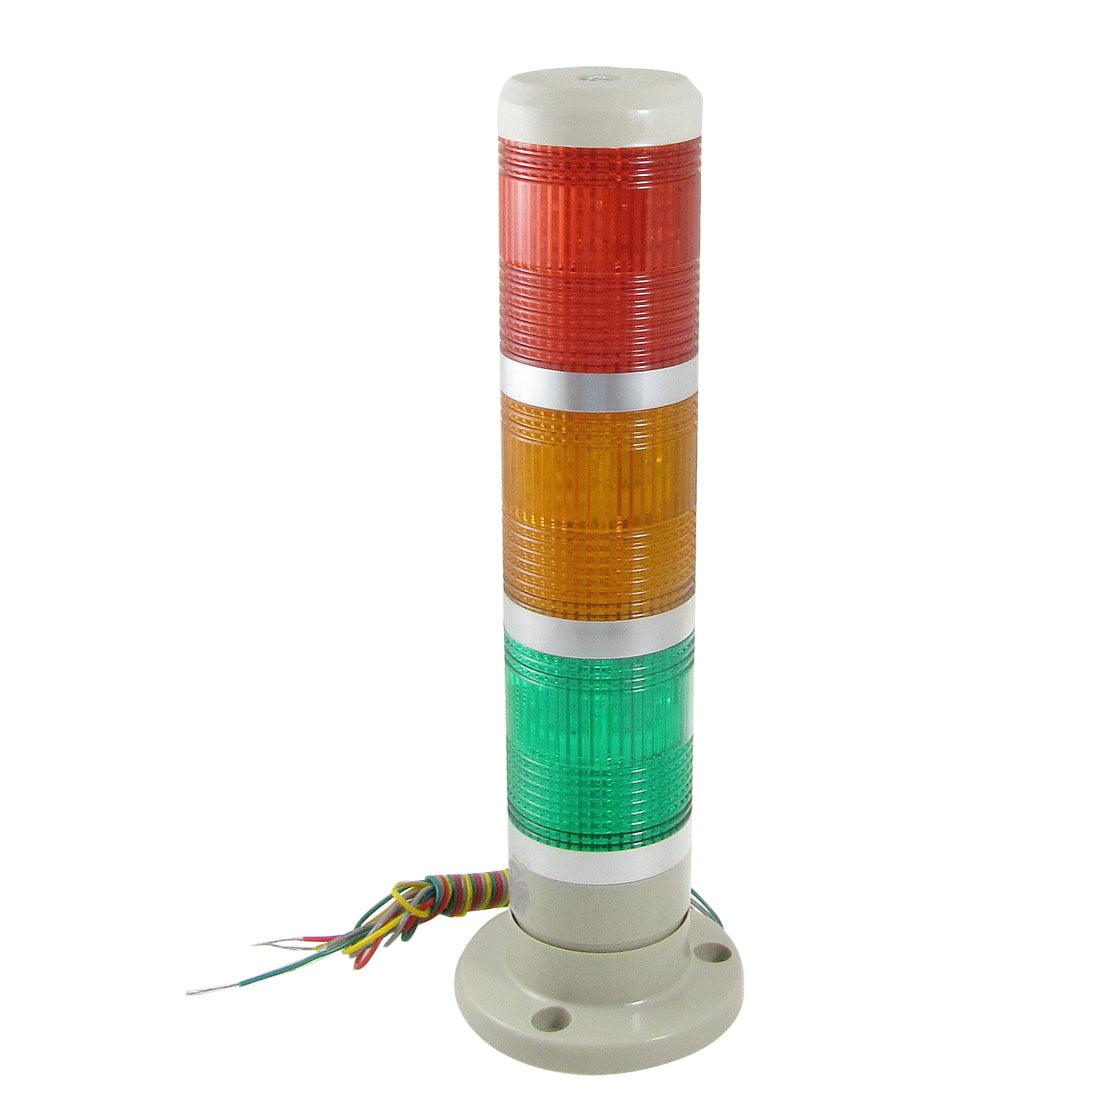 24V AC/DC rouge jaune vert Signal LED Lampe lumière avertissement tour industrielle - image 1 de 1